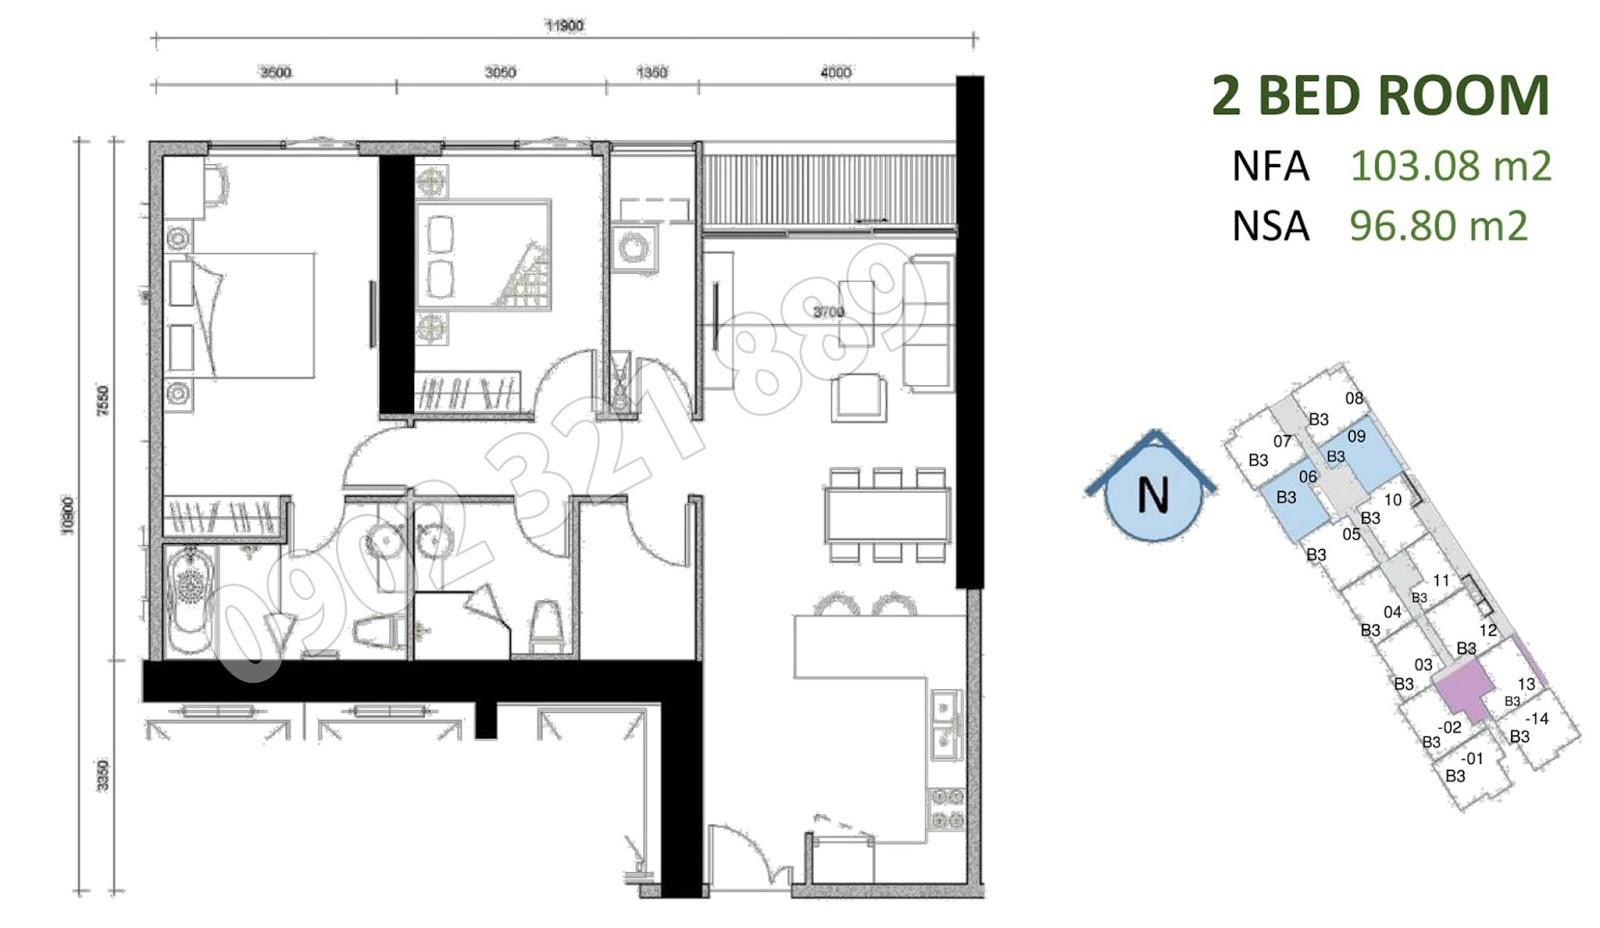 mặt bằng căn hộ sunwah pearl 2 phòng ngủ B3-06 và B3-09